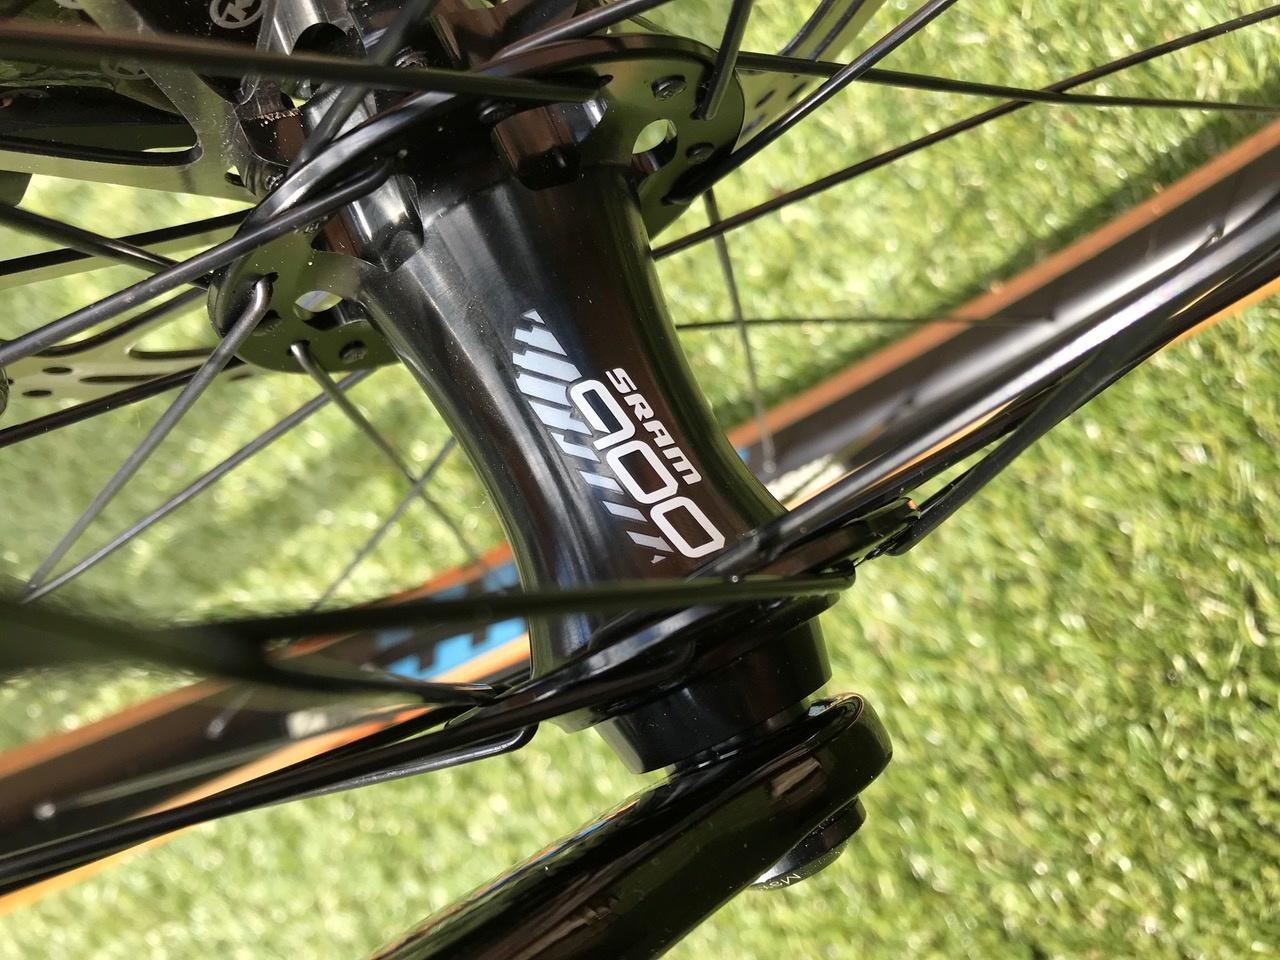 Kona Rove LTD 2019 Demo Bike 54cm